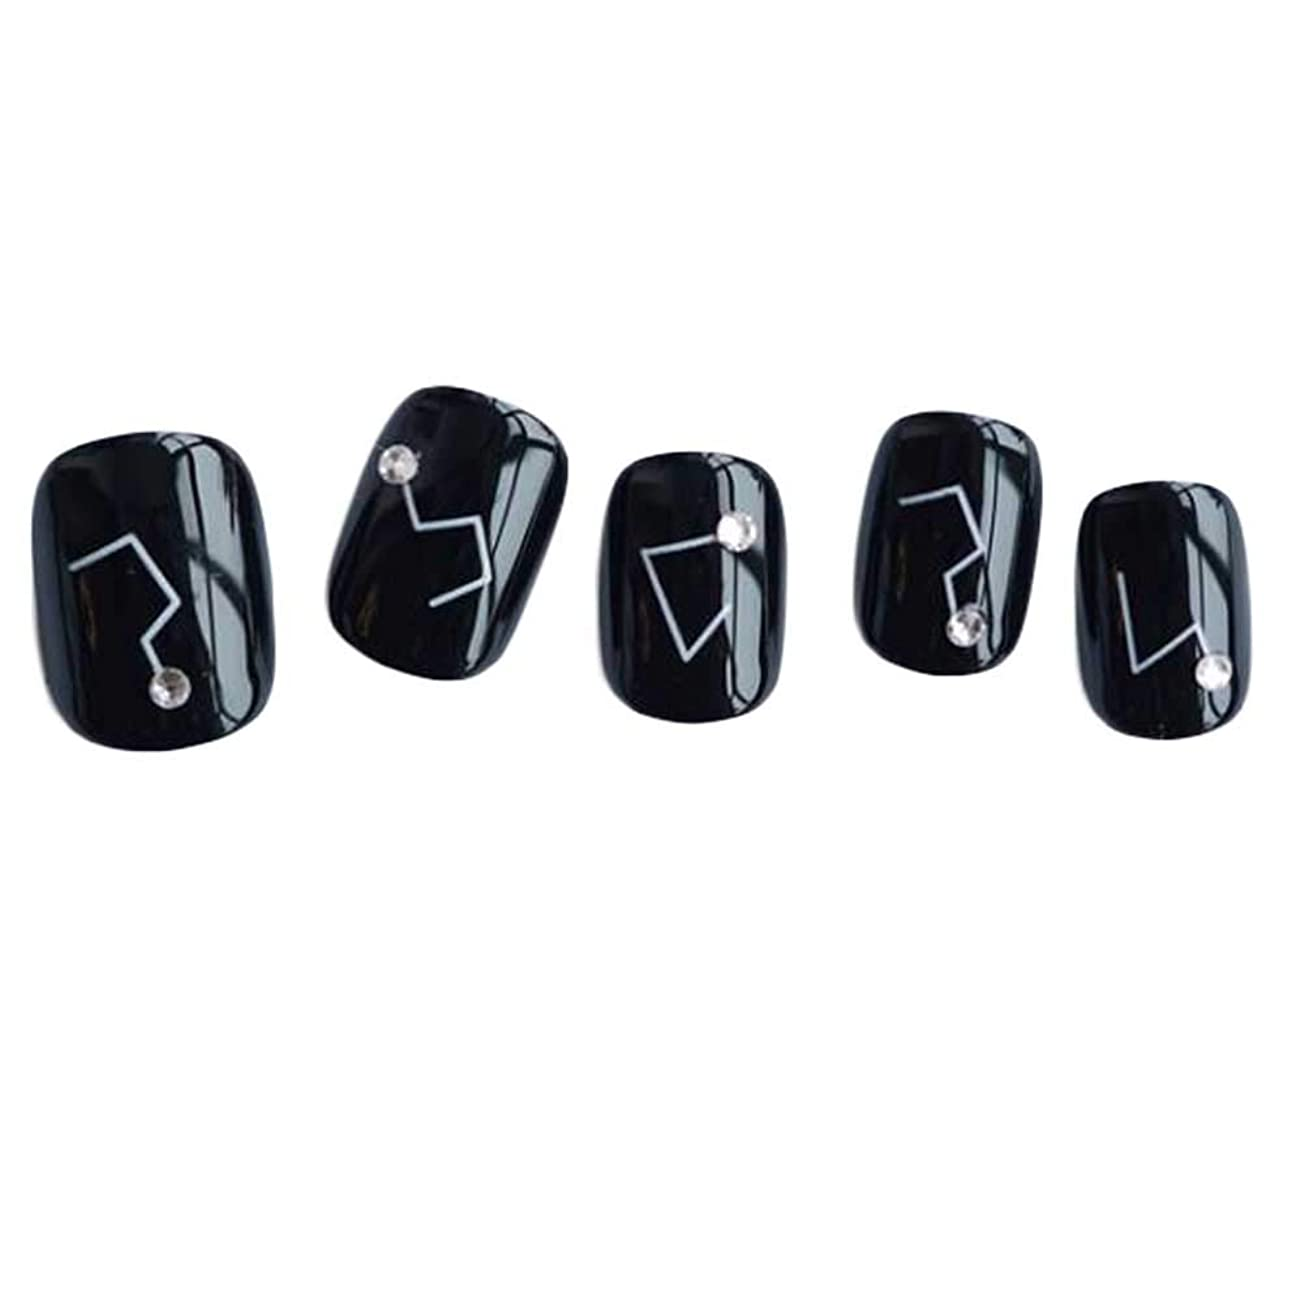 理解する傾斜炭水化物星座 - 黒い短い偽の指爪人工爪の装飾の爪のヒント